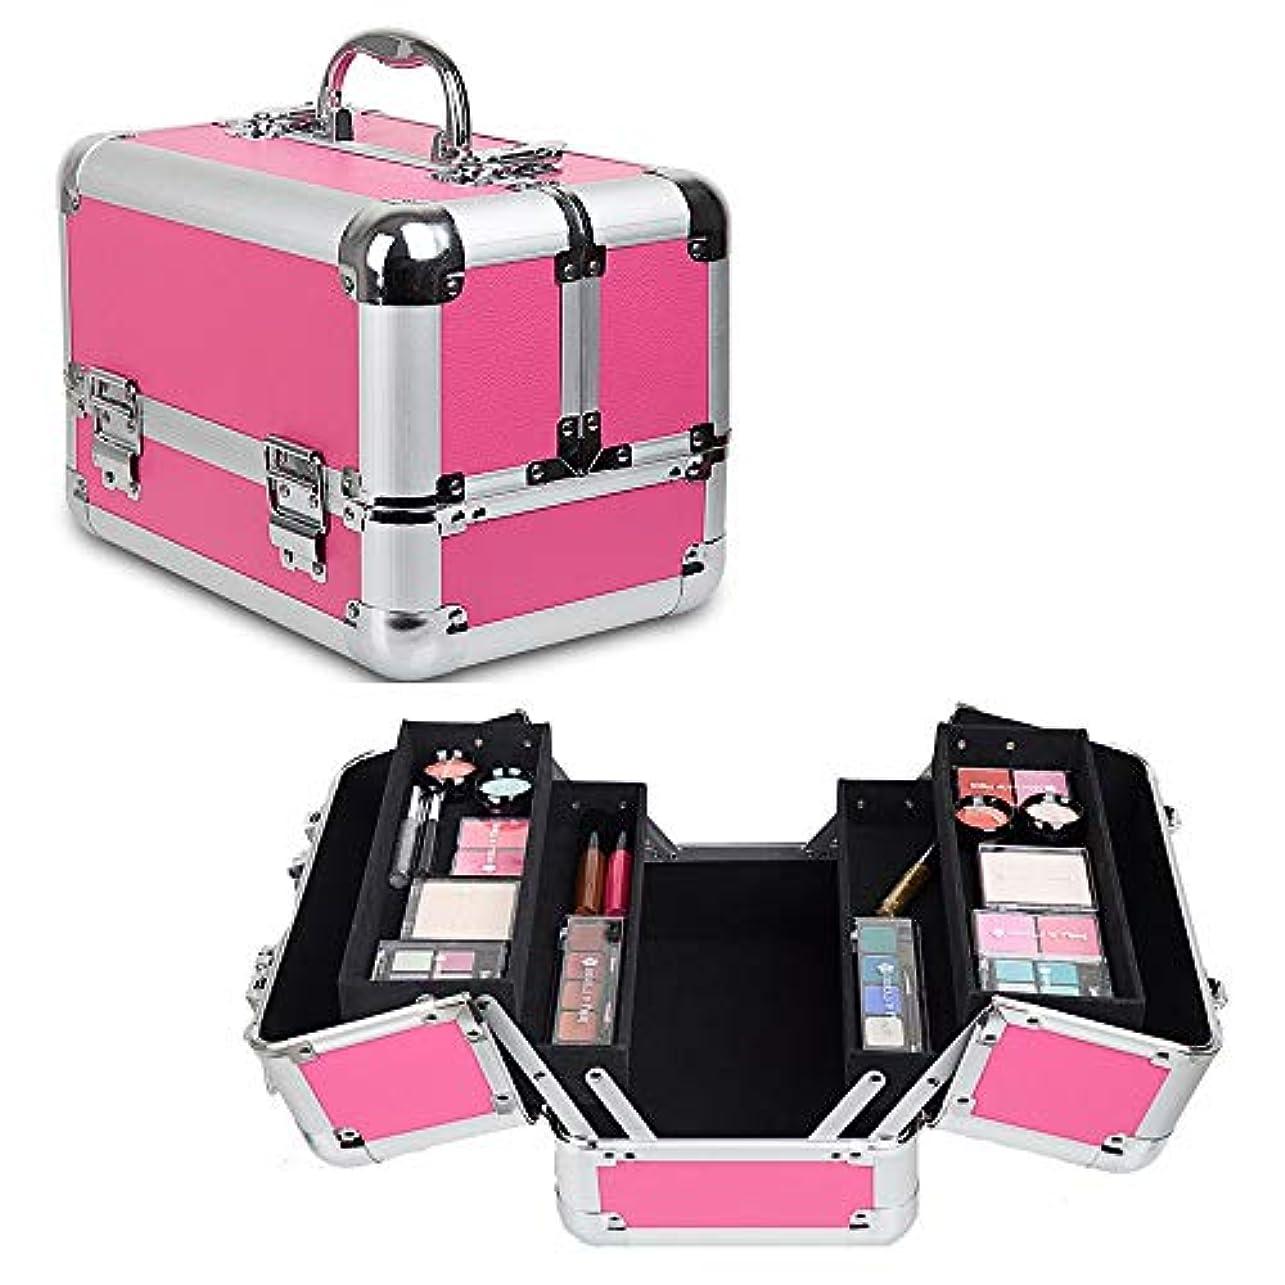 サイト元のフラップ特大スペース収納ビューティーボックス 美の構造のためそしてジッパーおよび折る皿が付いている女の子の女性旅行そして毎日の貯蔵のための高容量の携帯用化粧品袋 化粧品化粧台